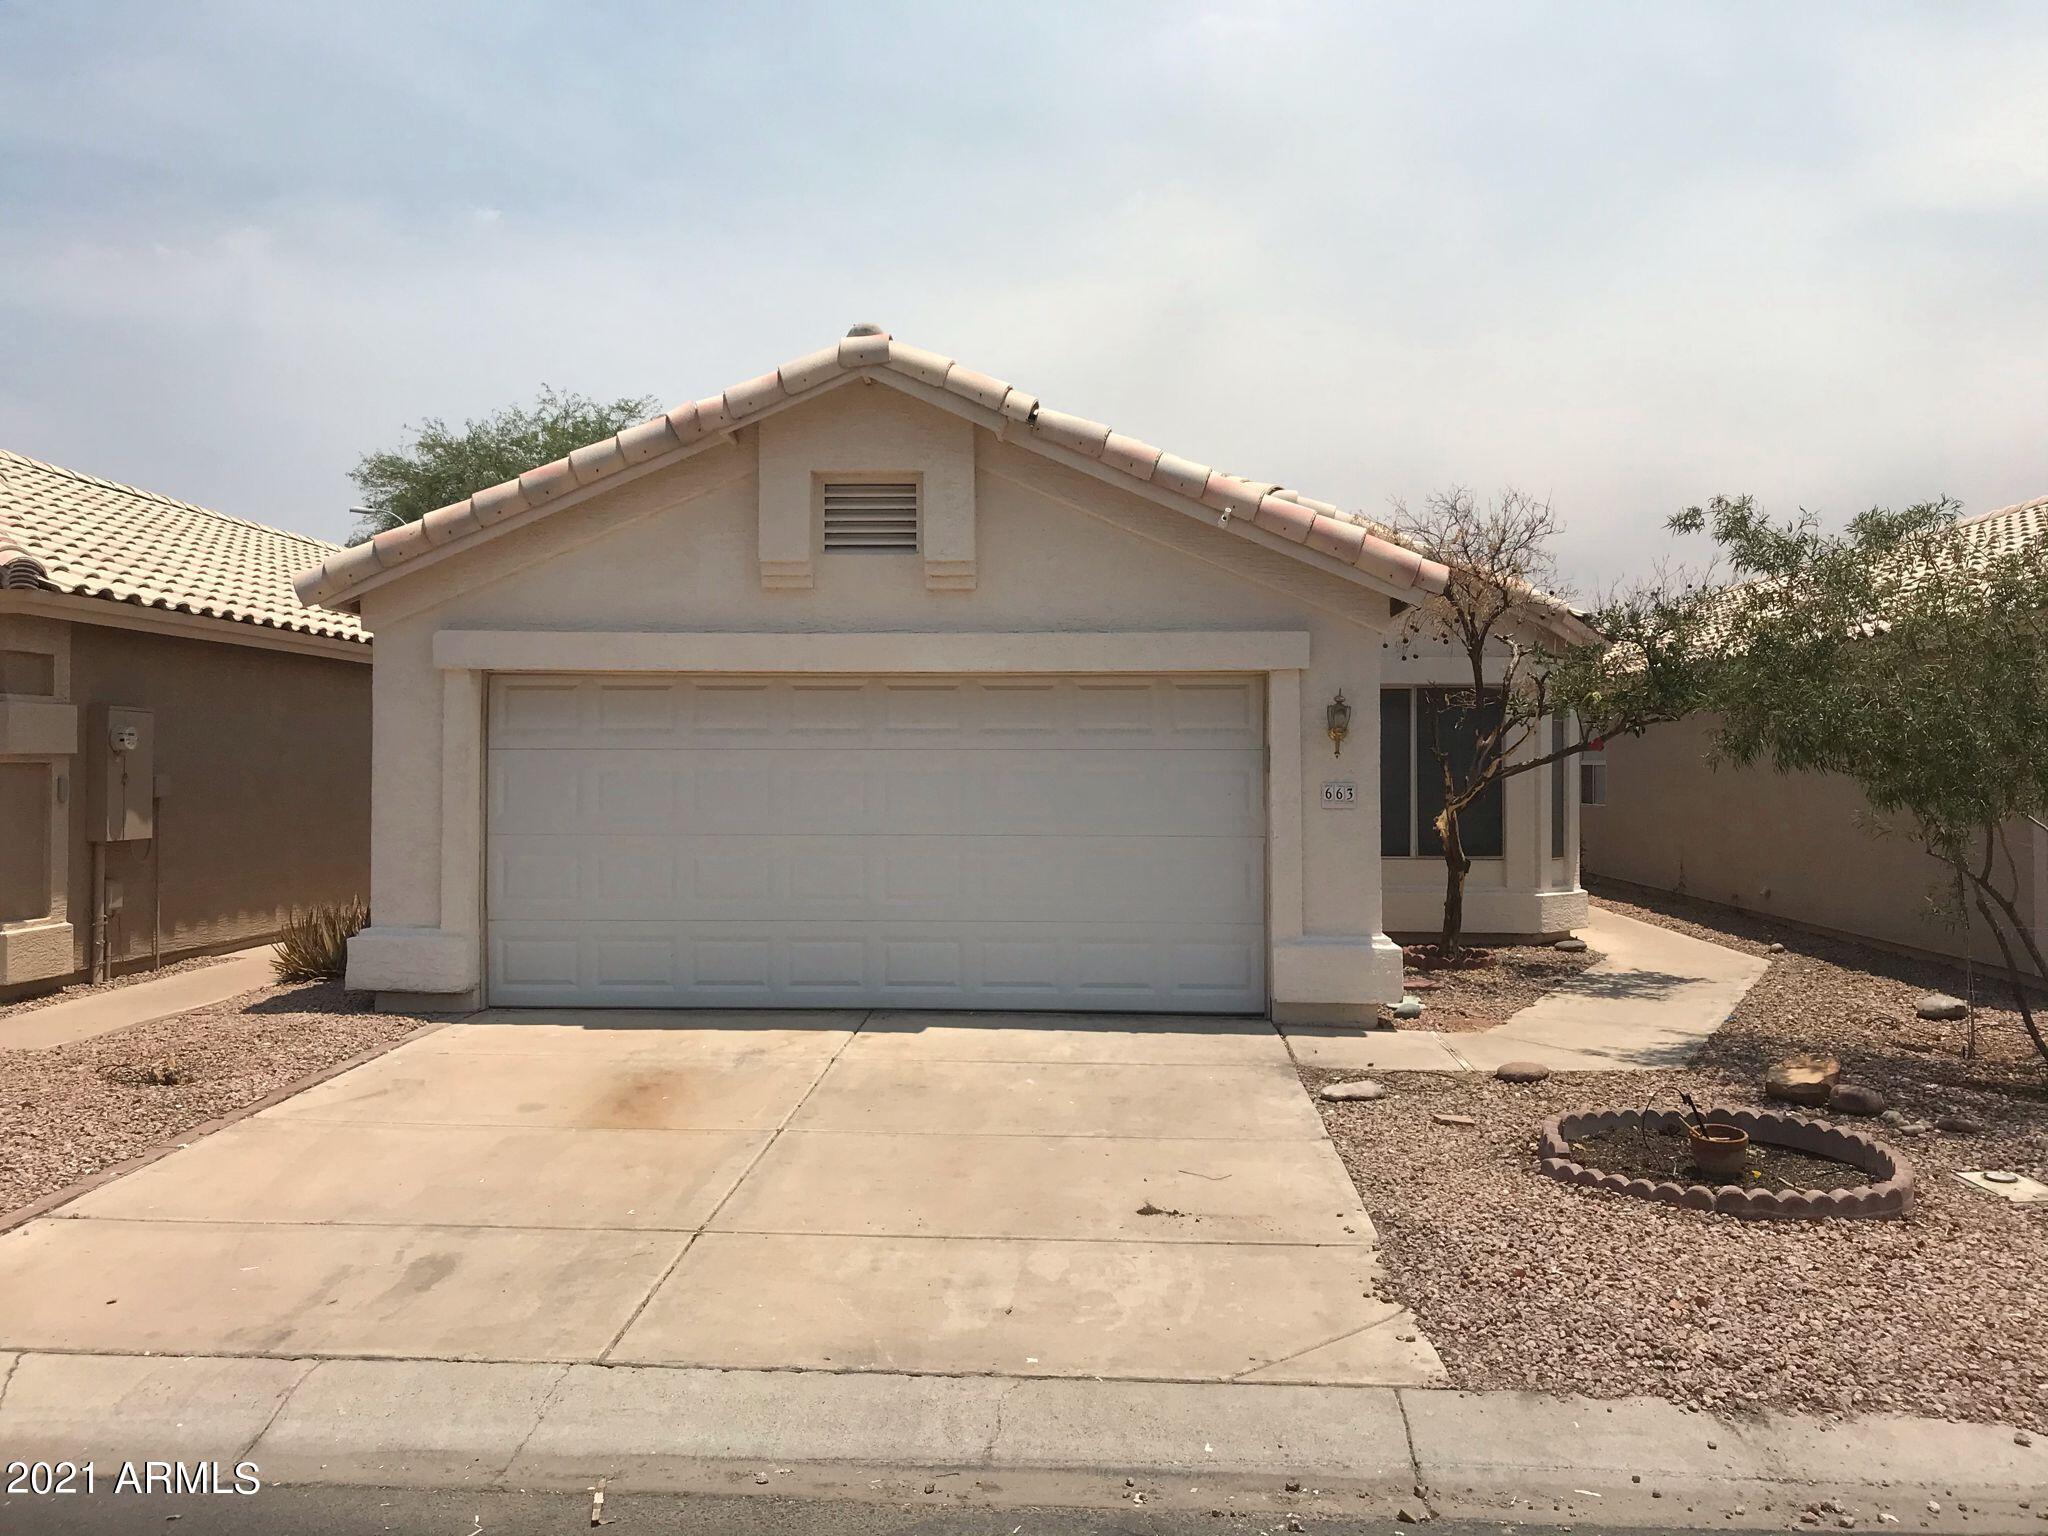 663 N RITA Lane, Chandler, AZ 85226